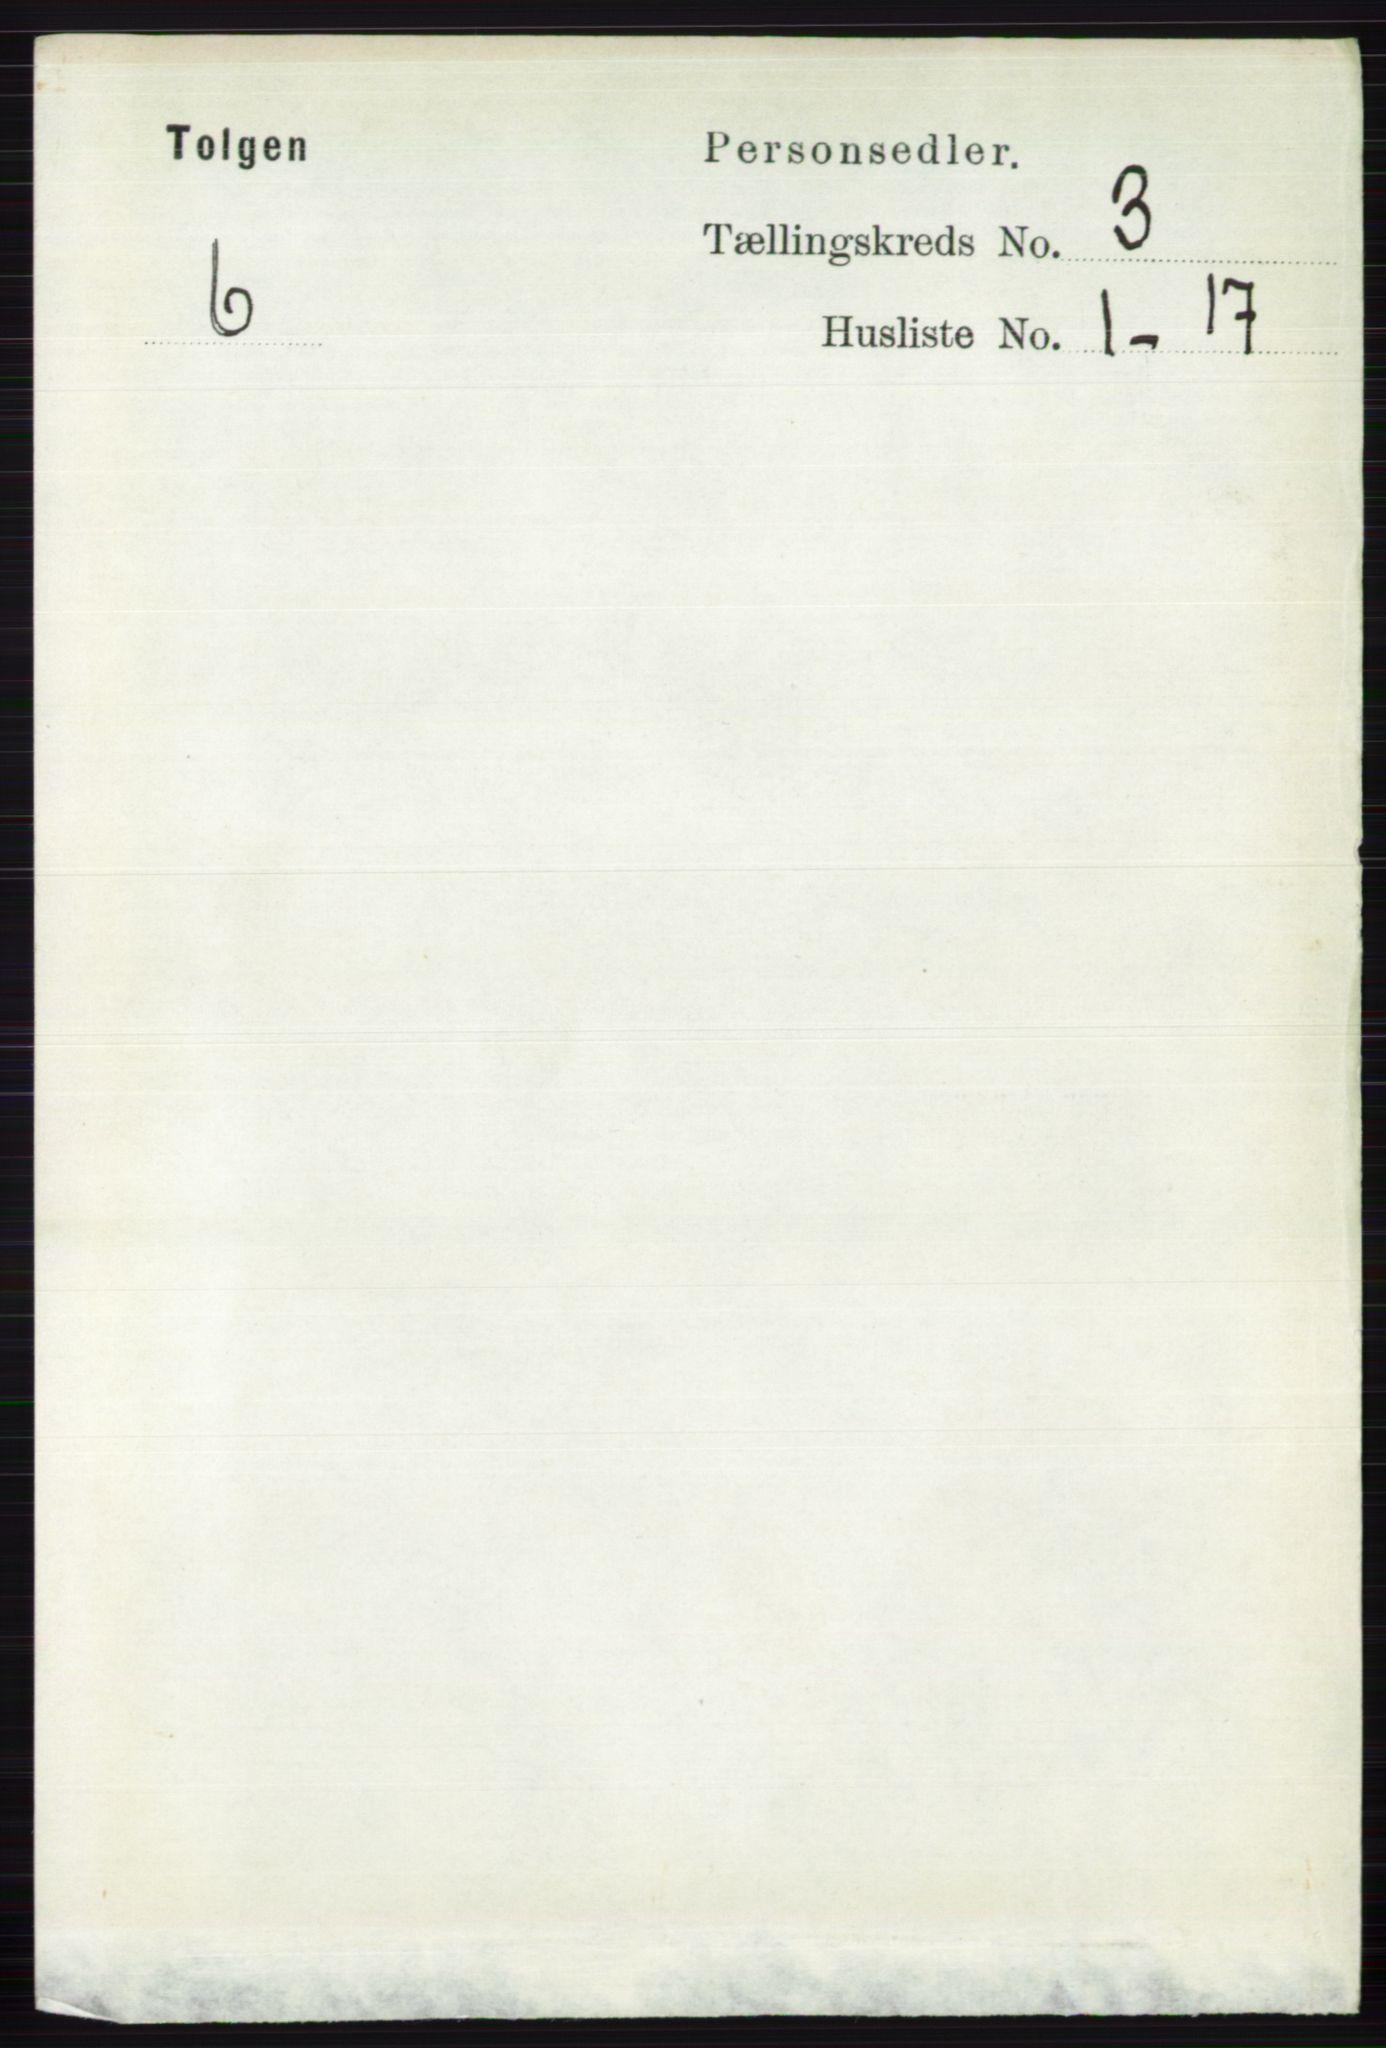 RA, Folketelling 1891 for 0436 Tolga herred, 1891, s. 535